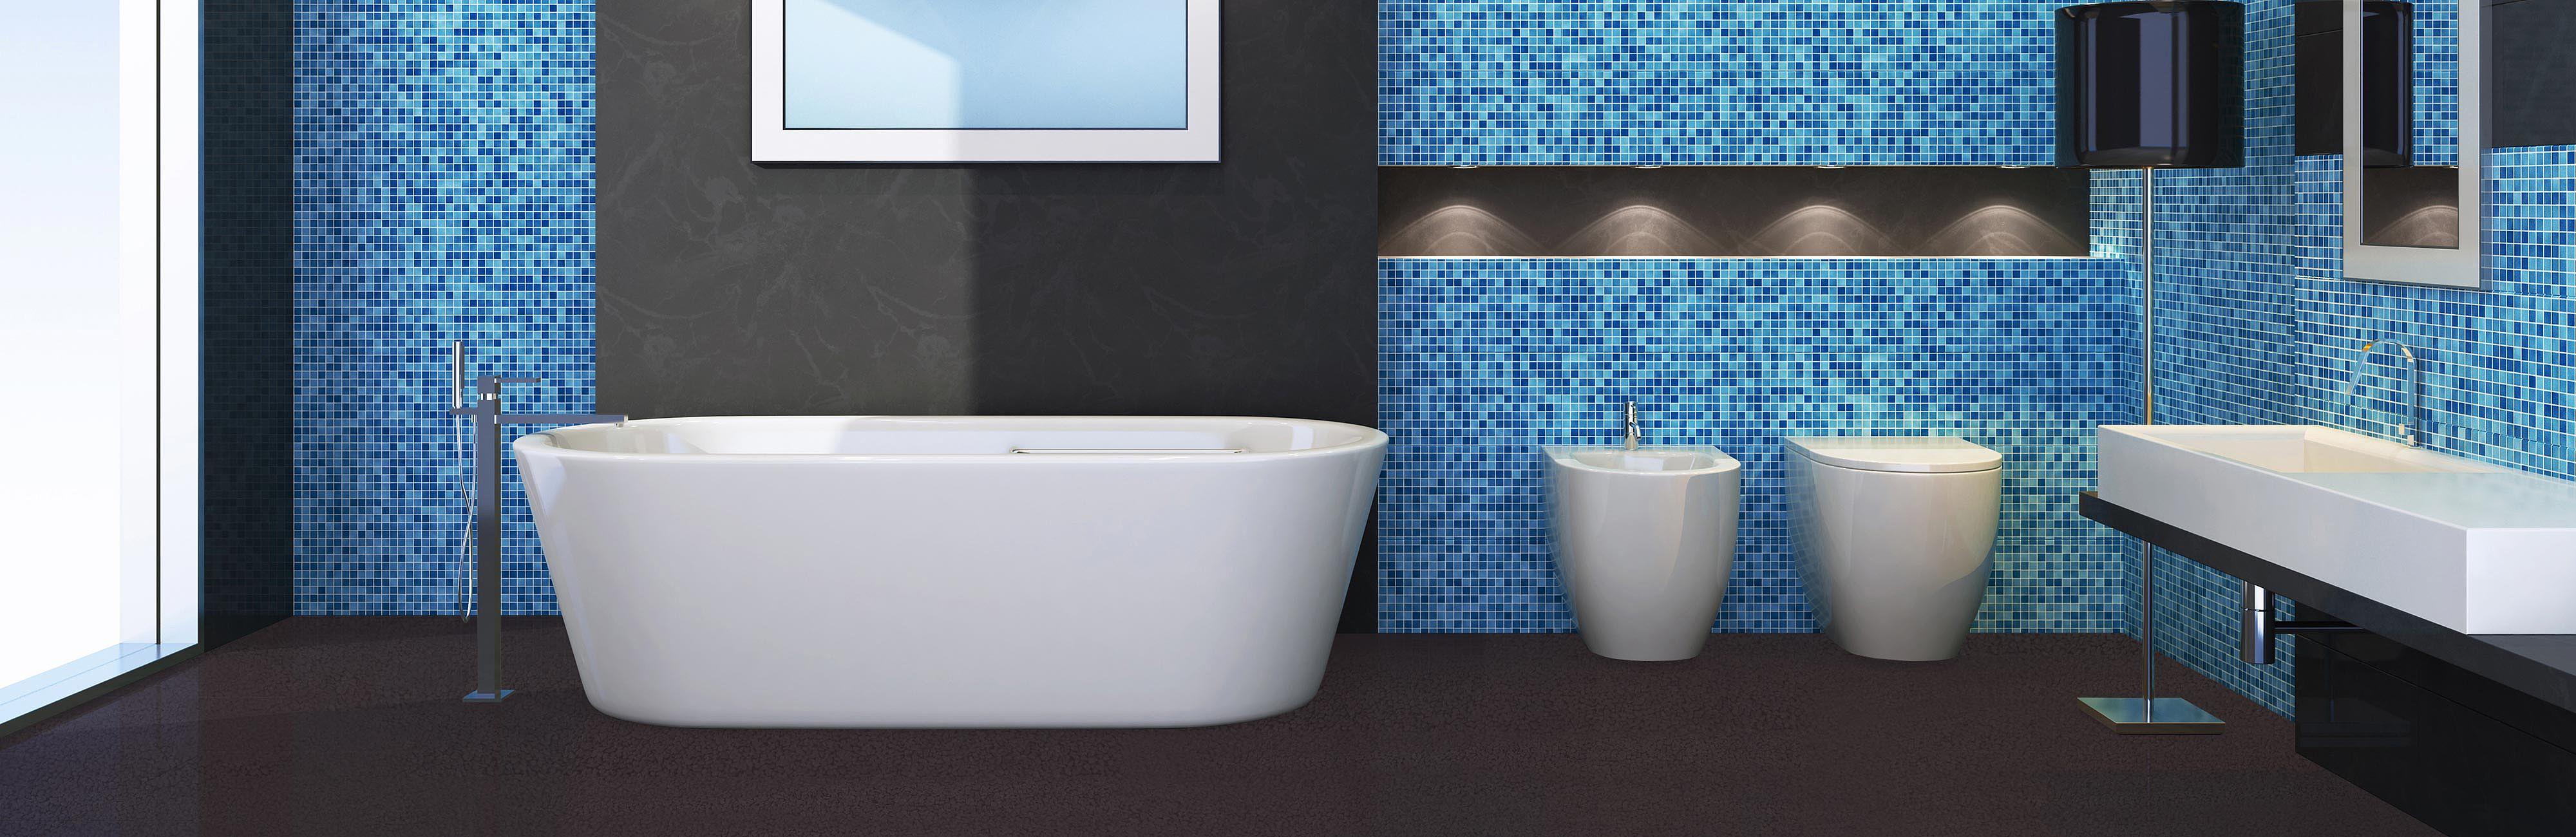 Syunpuu.com = Mini Wohnzimmer Einrichten Mit Fugenloses Bad Material ...